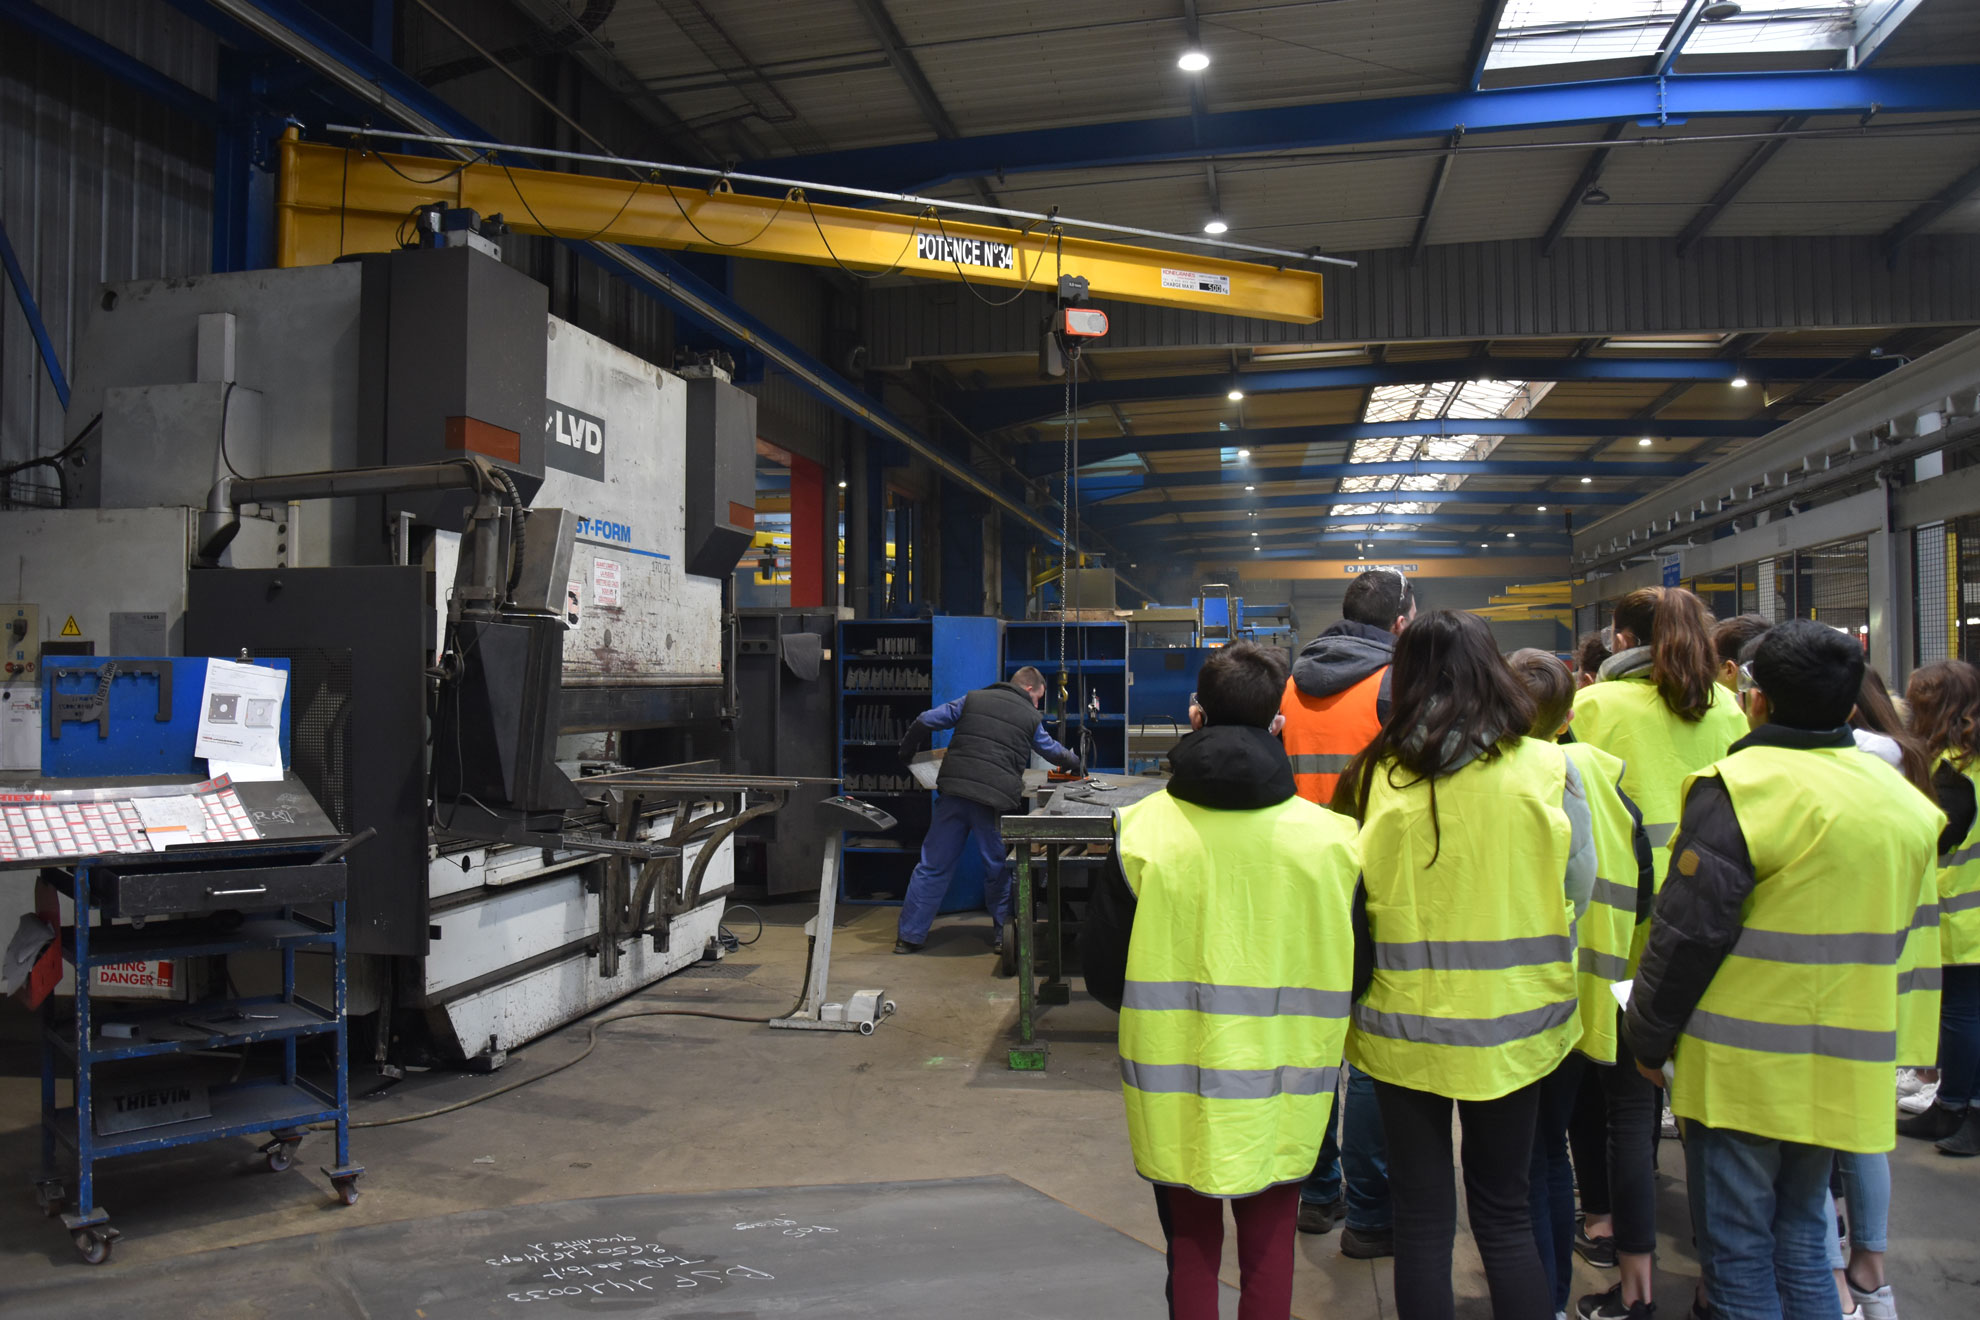 Visite de l'entreprise Thiévin par des collégiens à Vallons-de-l'Erdre (Saint-Mars-la-Jaille).